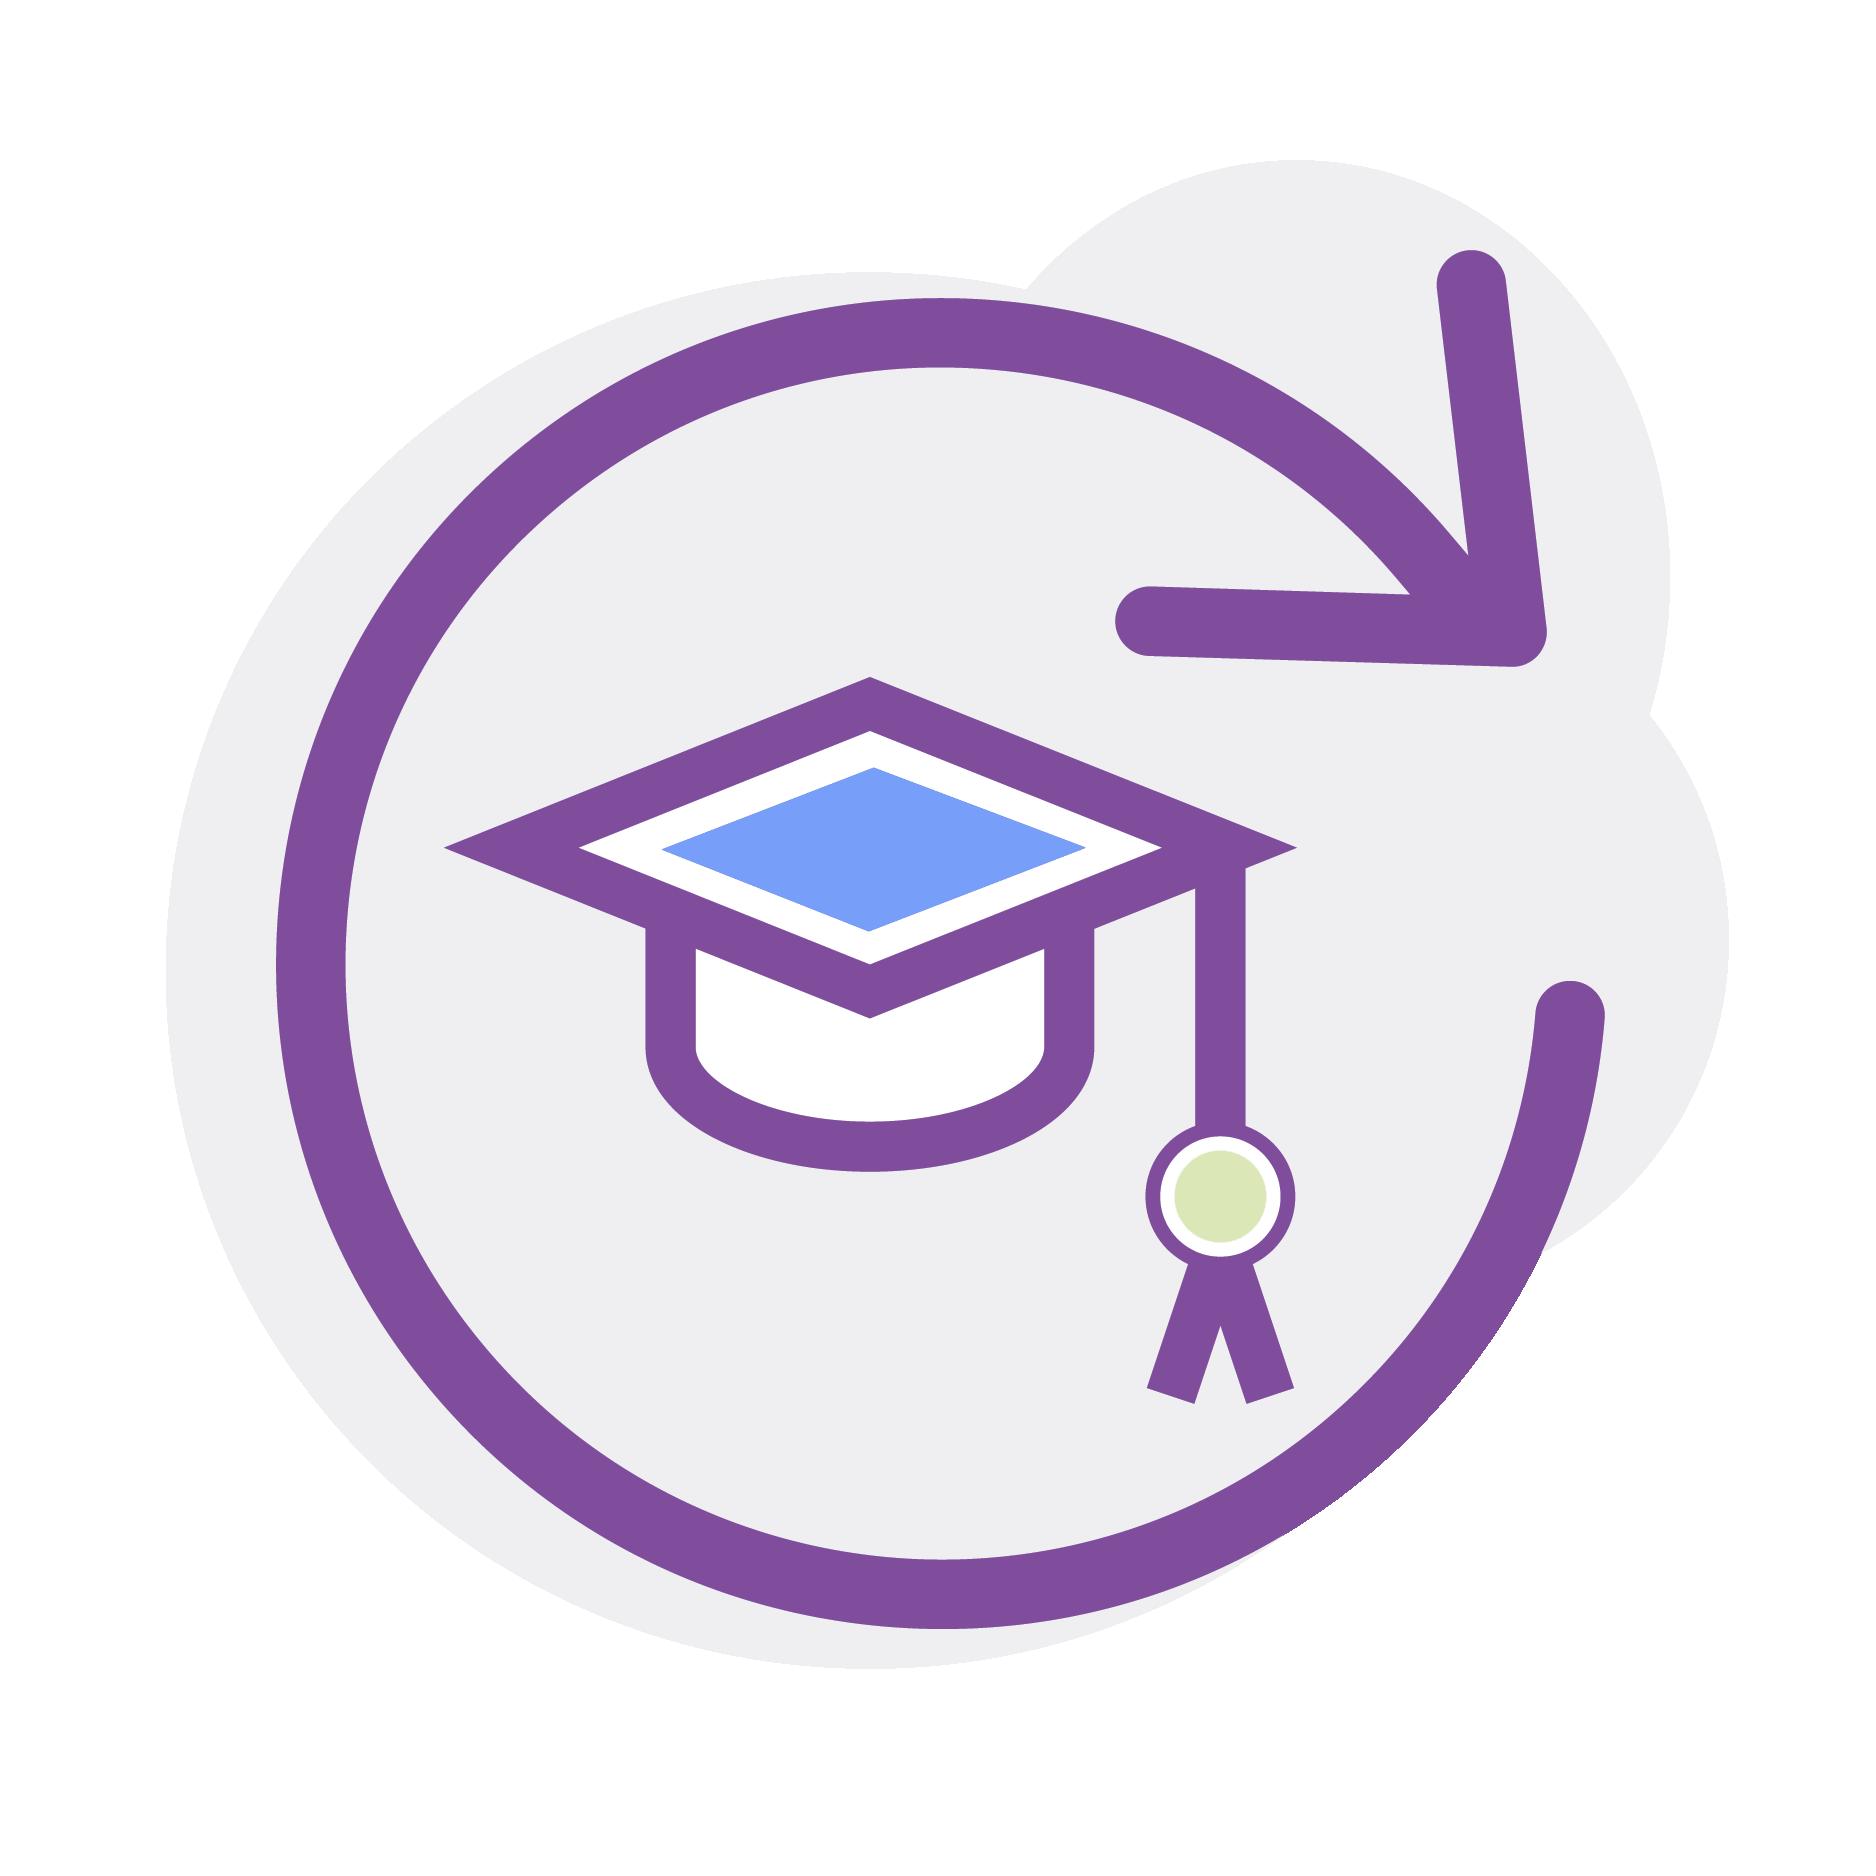 2018 Continuing Education - Q3 [TEST]